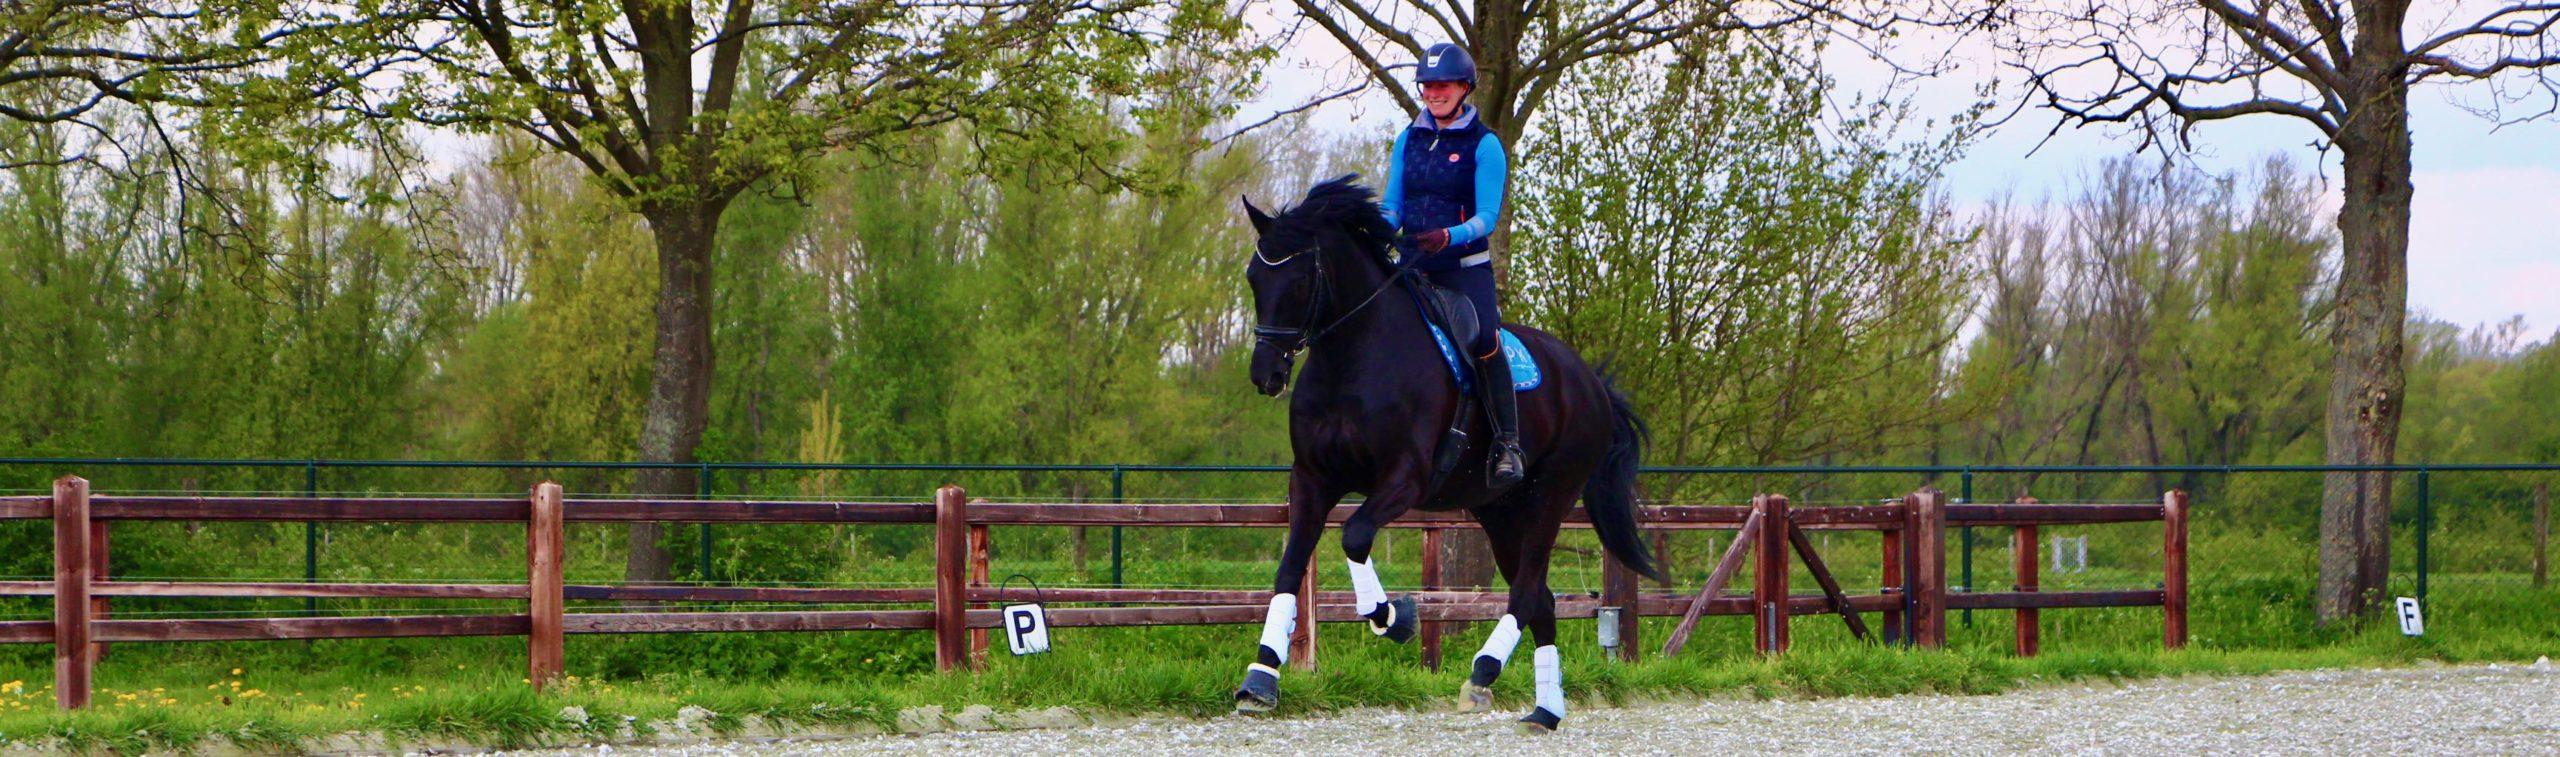 nageven paard